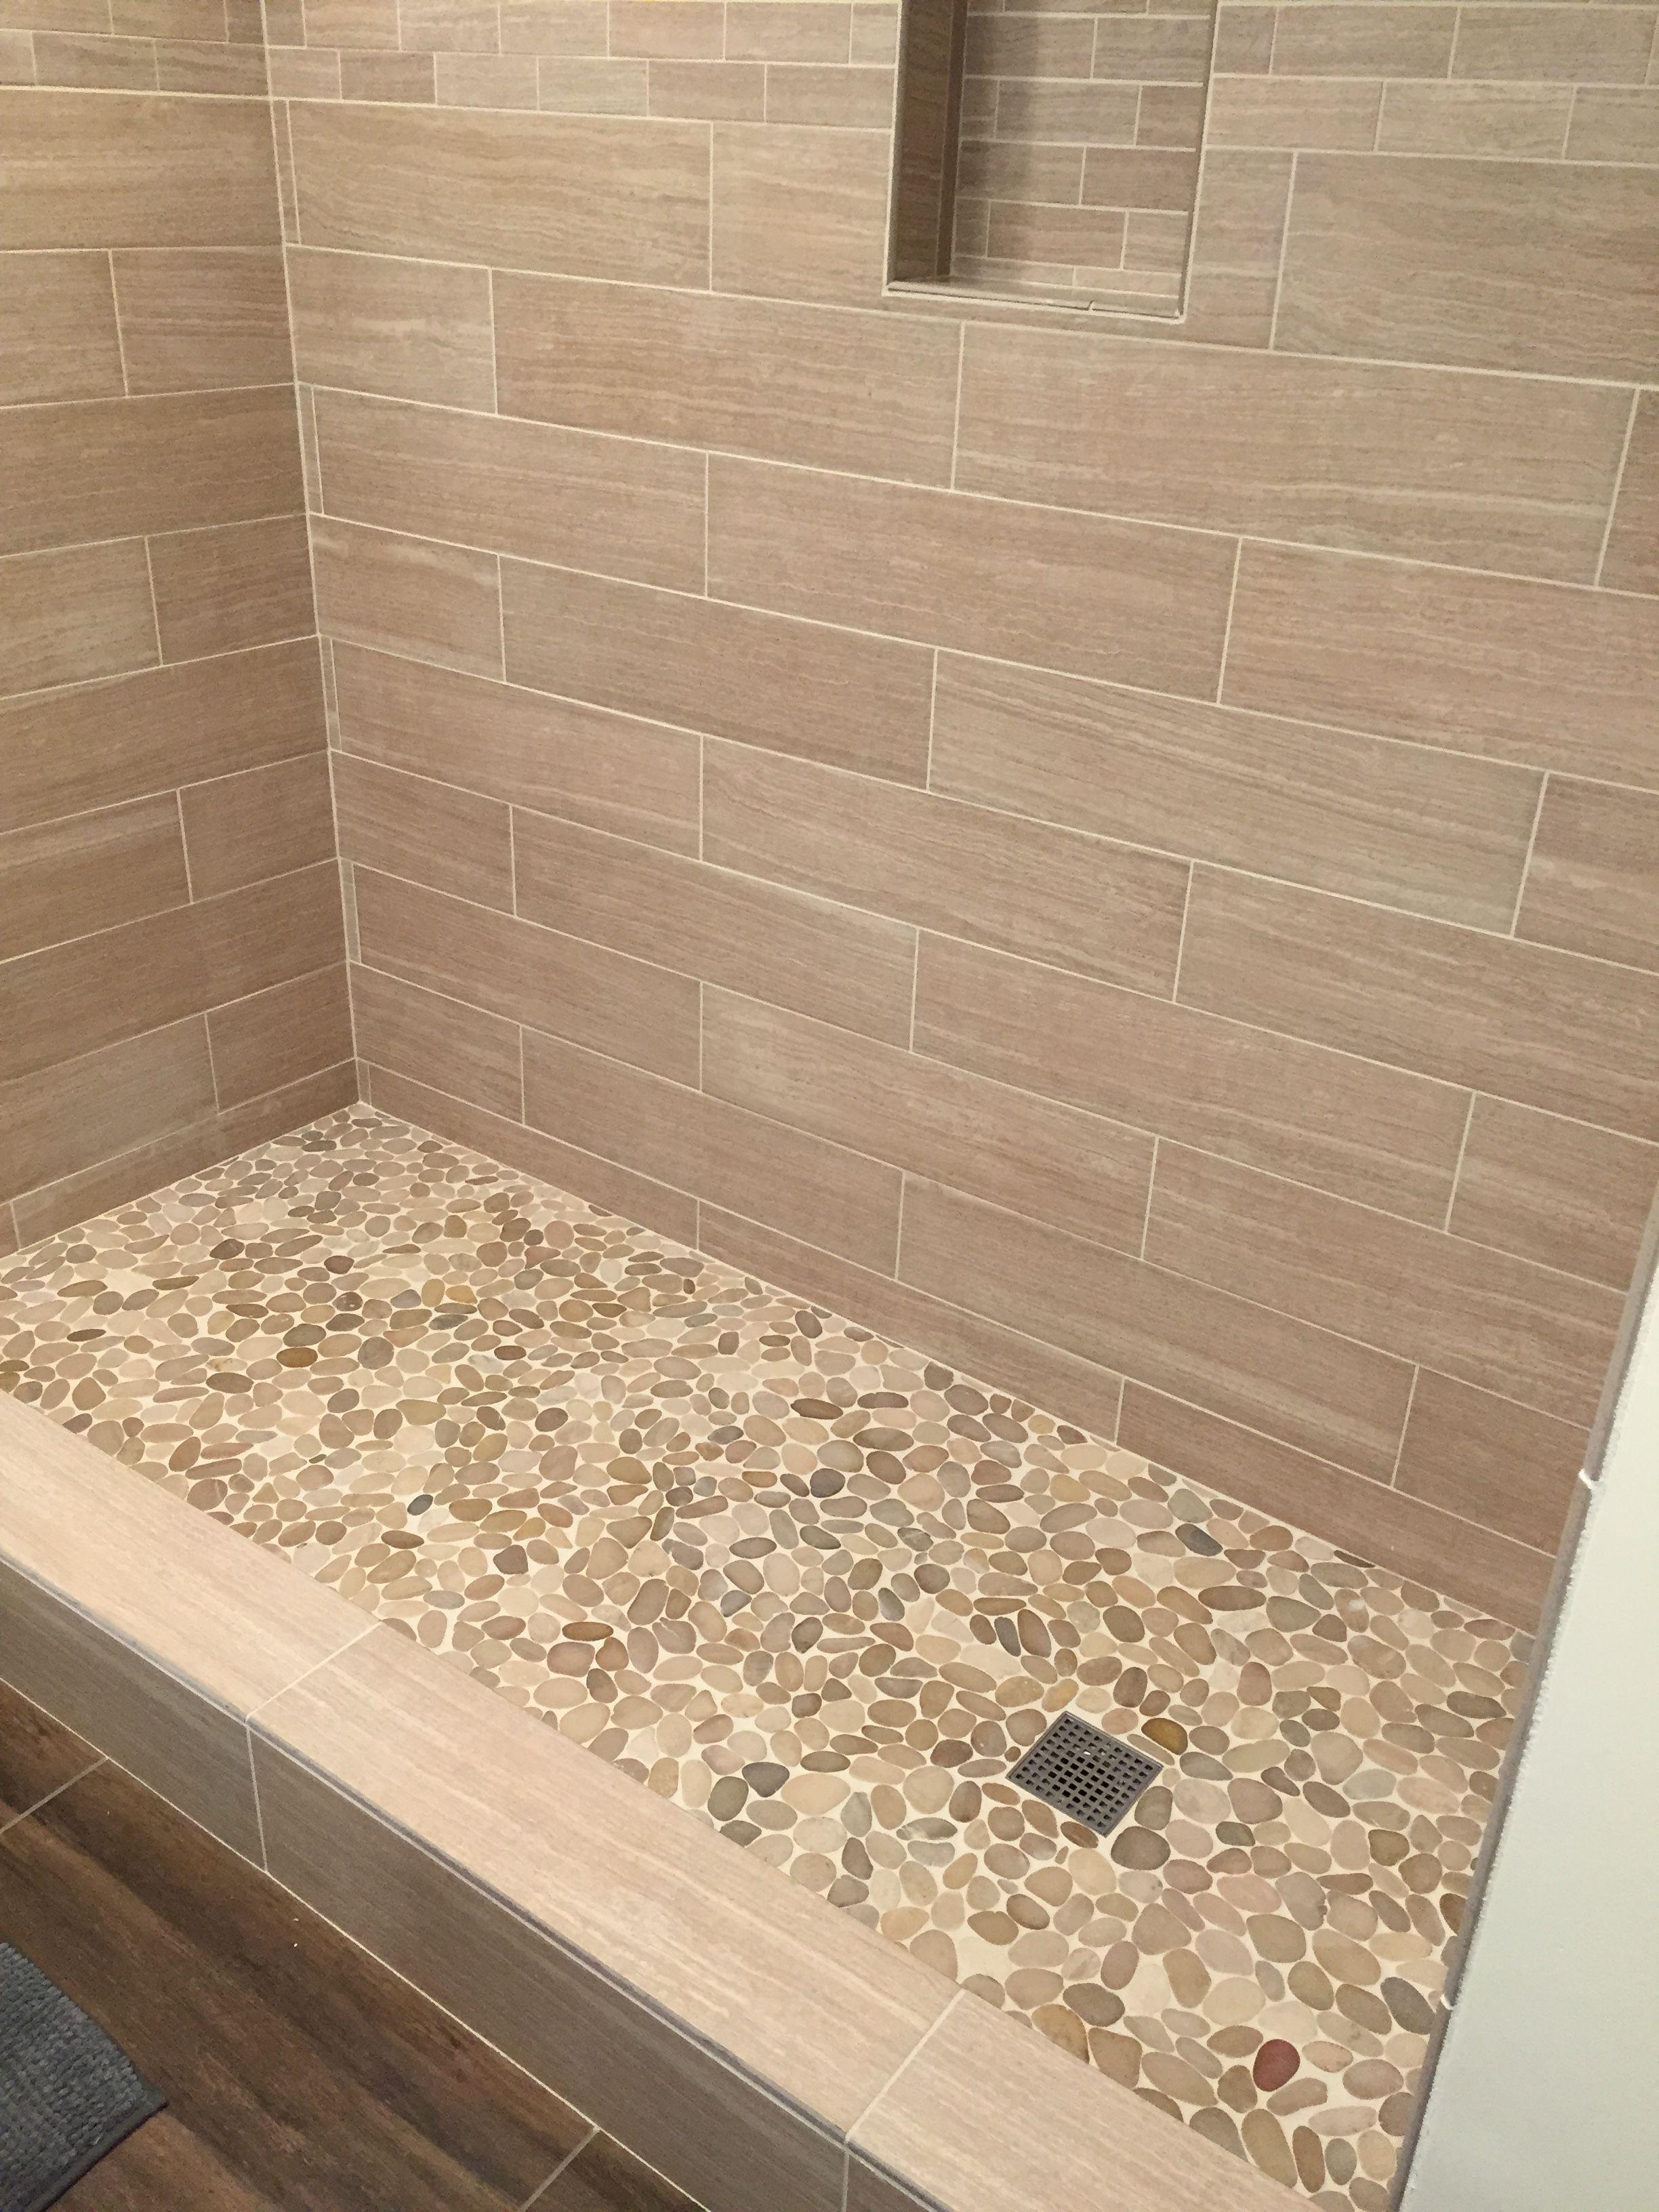 Shower And Bathroom Floor Tile Ideas